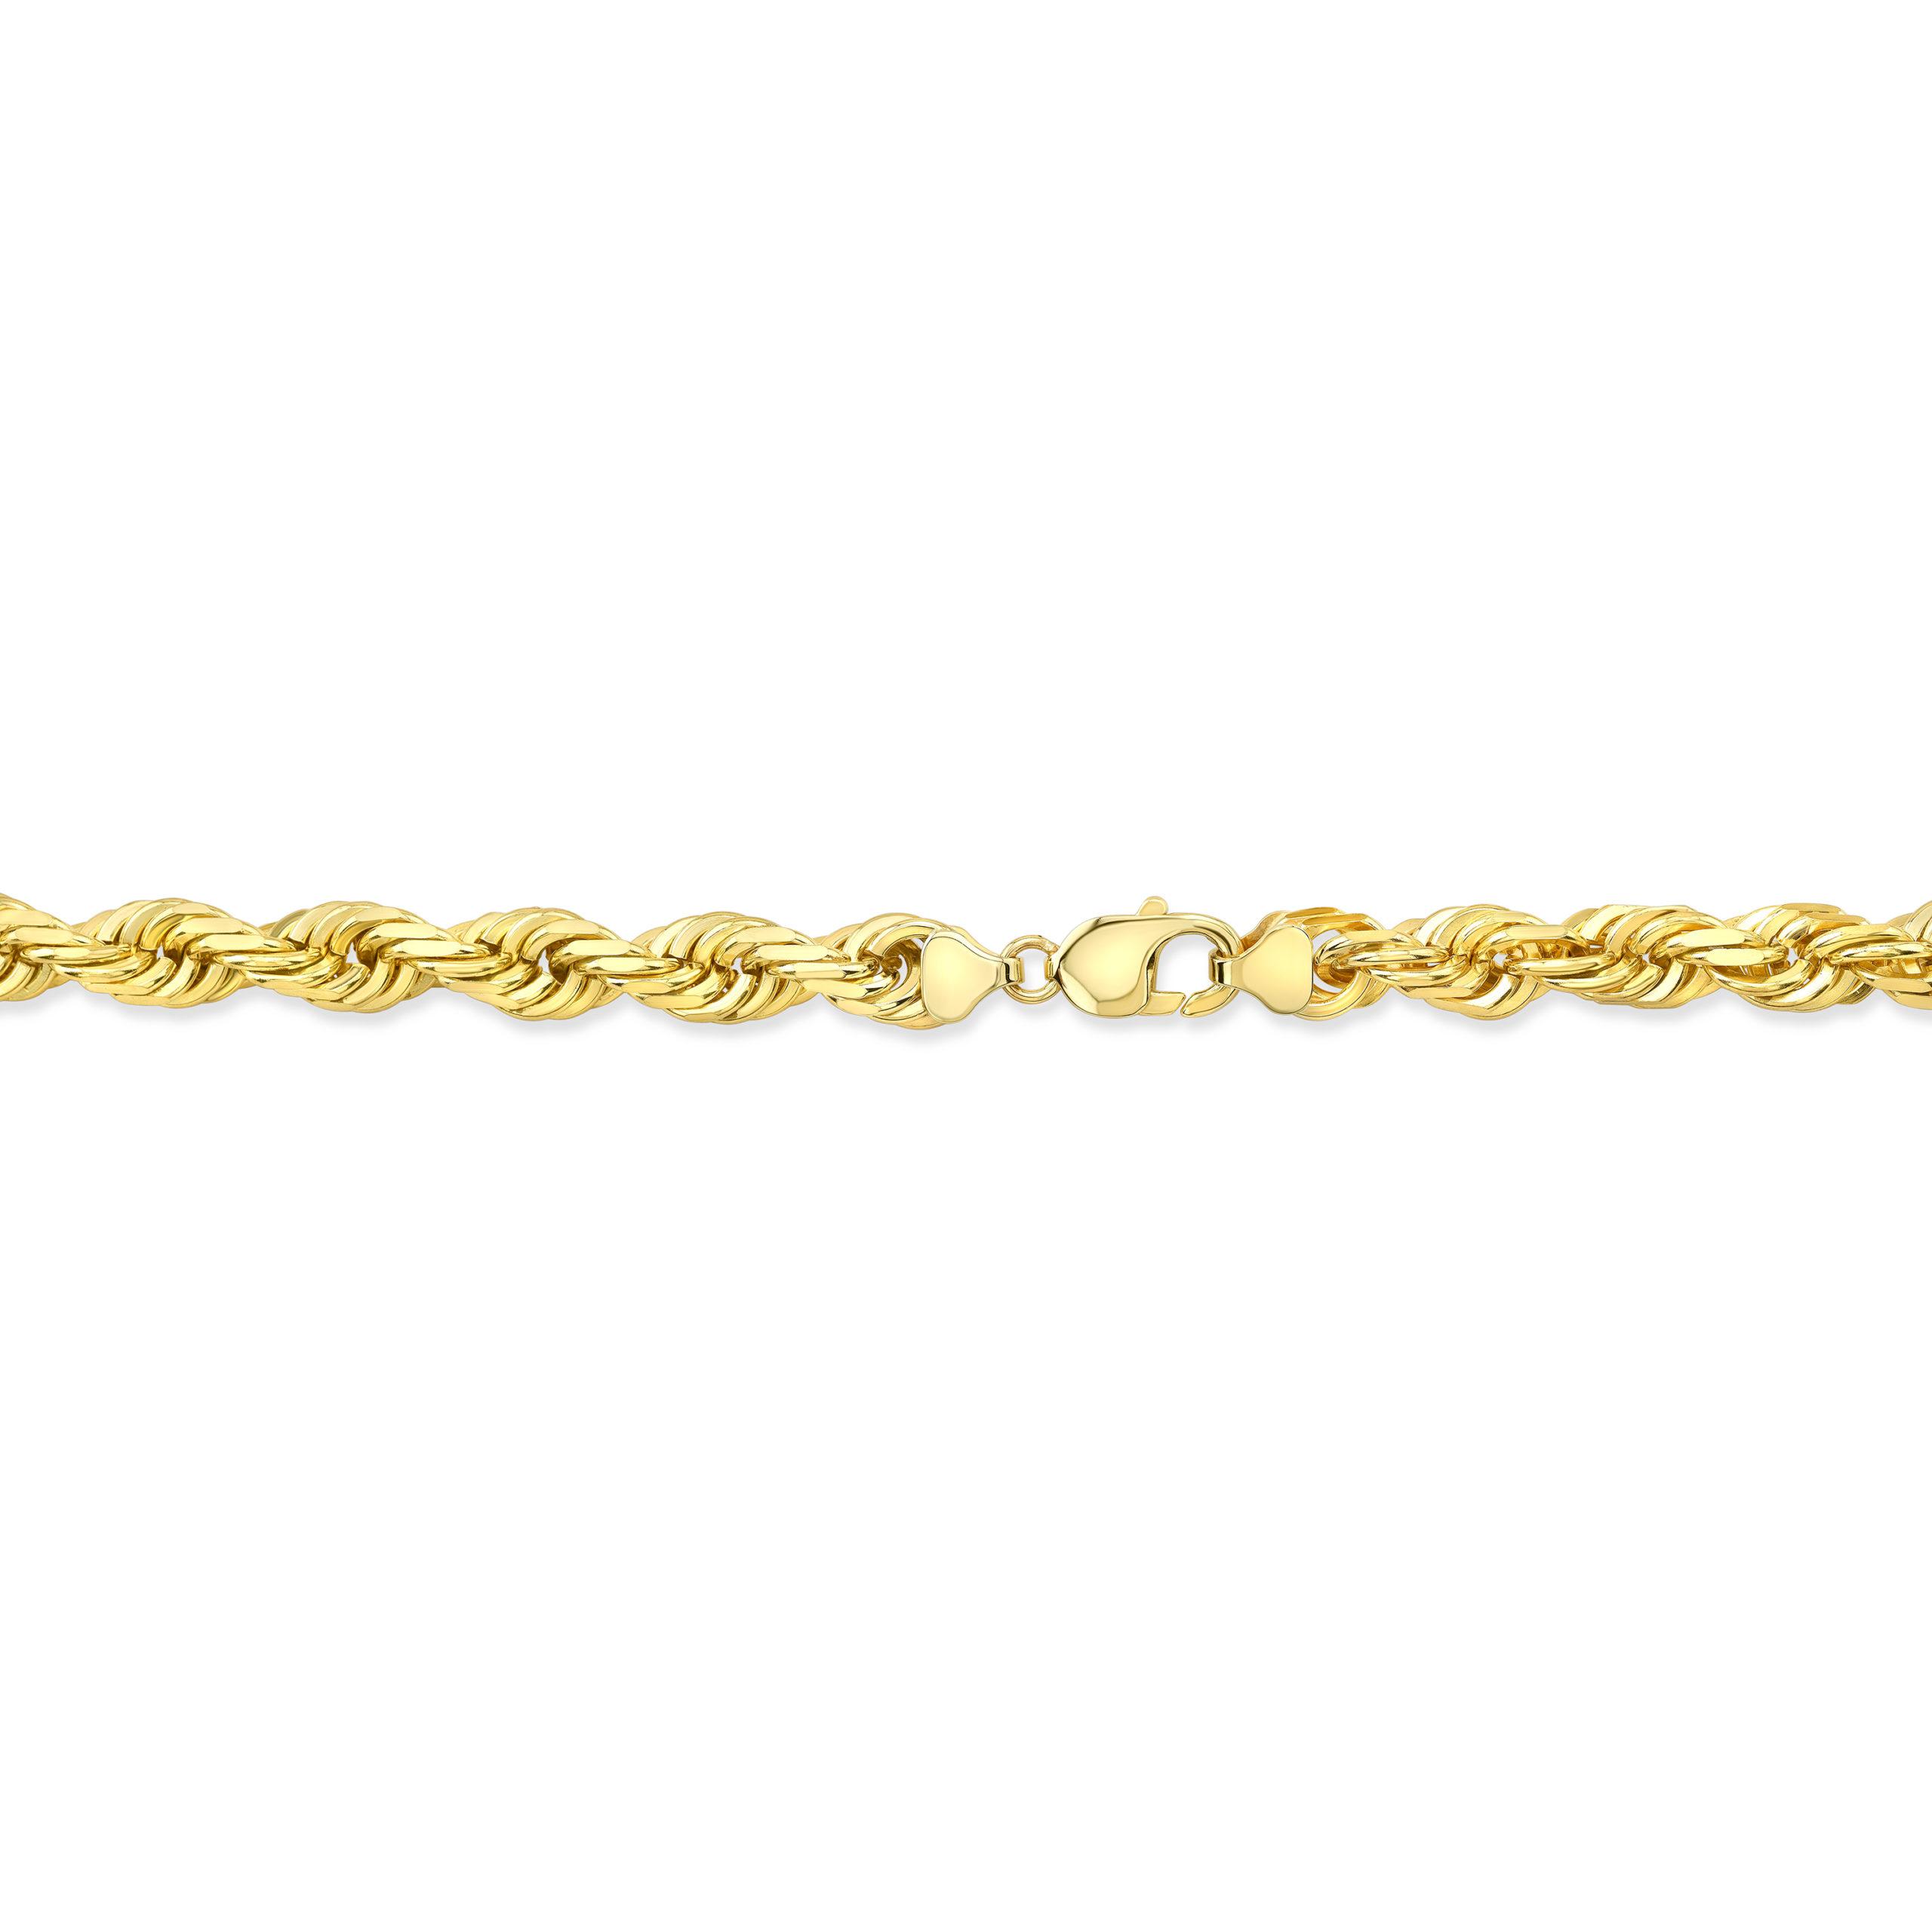 Rope Chain Lock